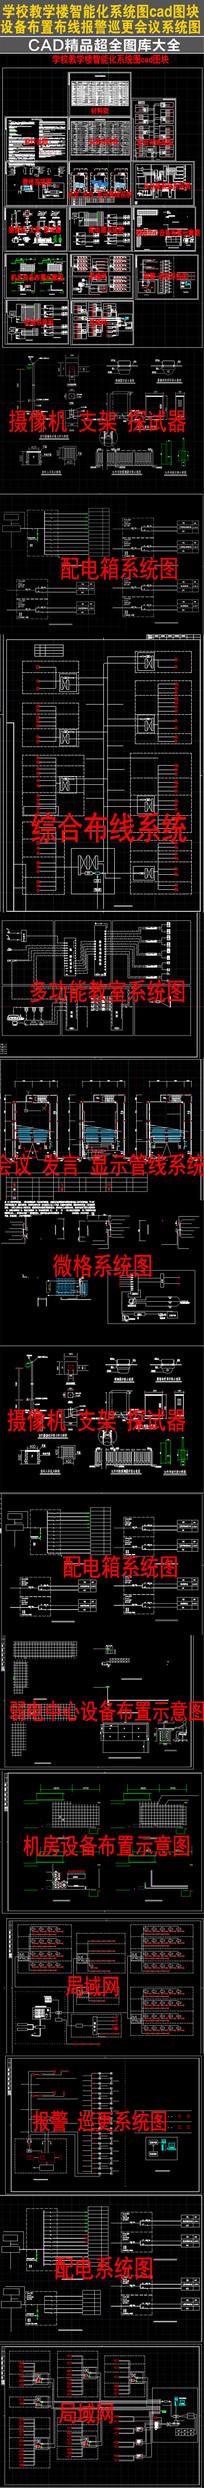 学校教学楼智能化系统cad图